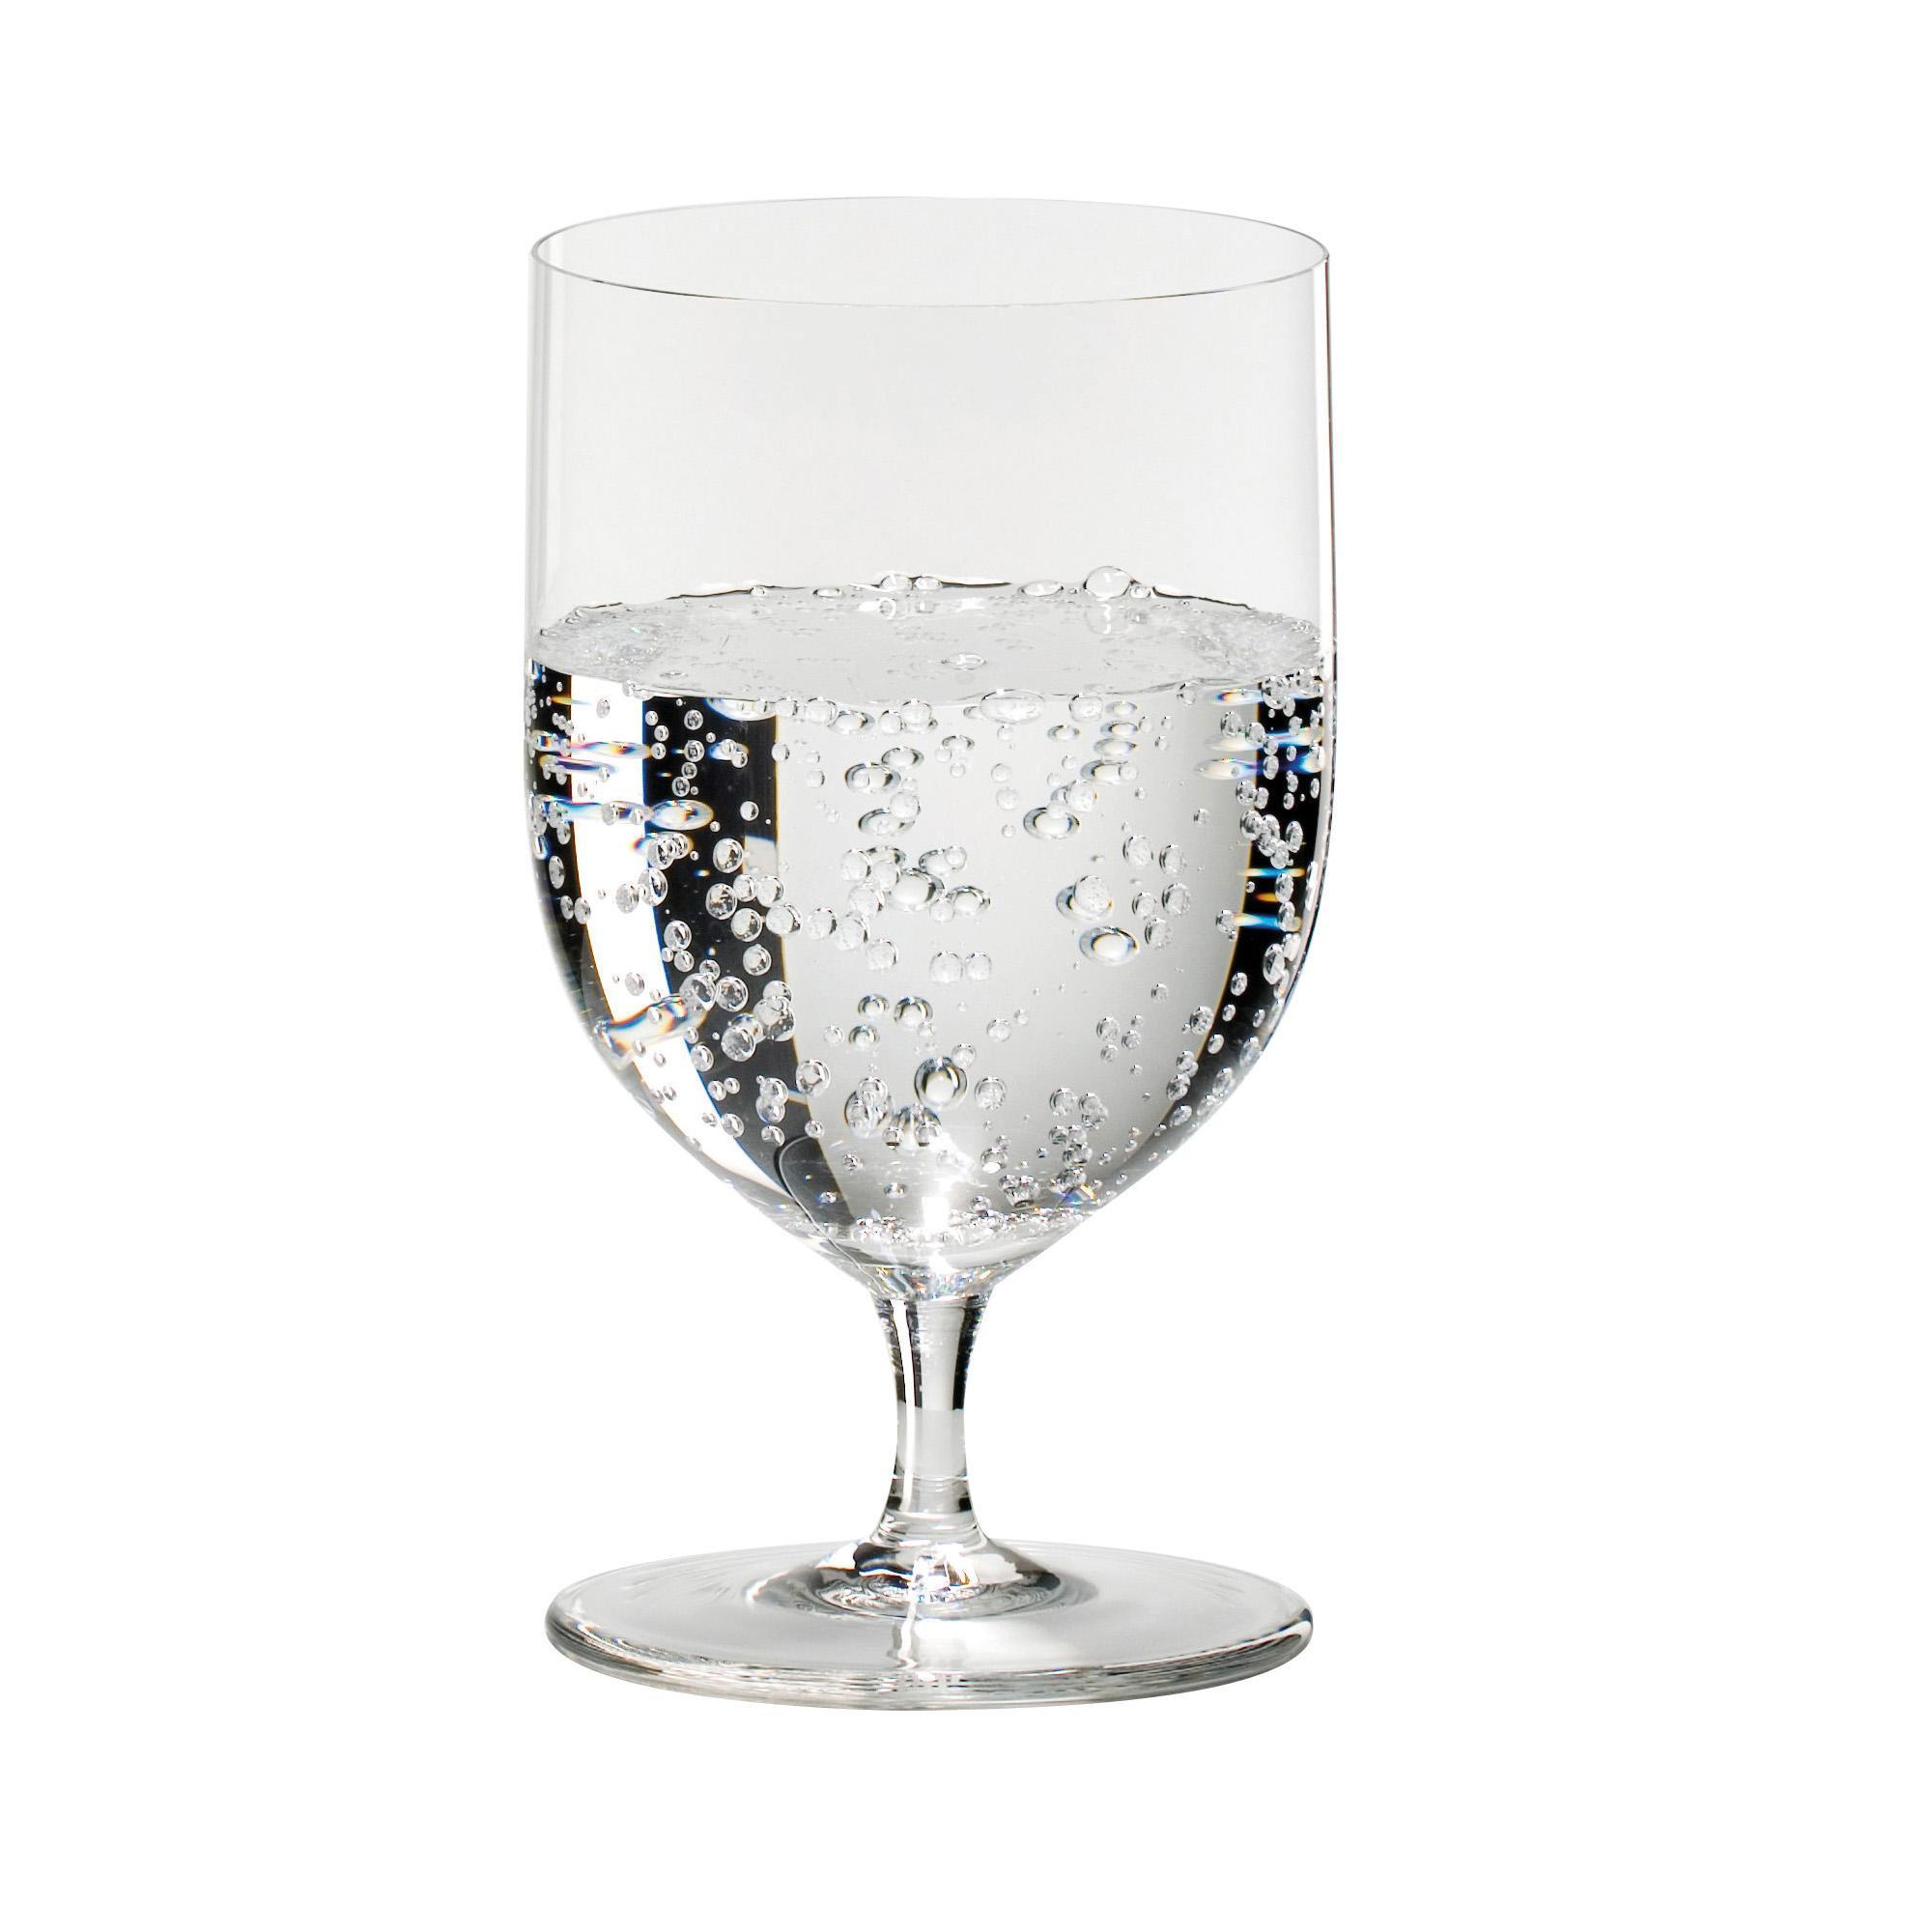 Riedel - Sommeliers Wasserglas - transparent/H 13cm| 340ccm | Küche und Esszimmer > Besteck und Geschirr > Gläser | Riedel